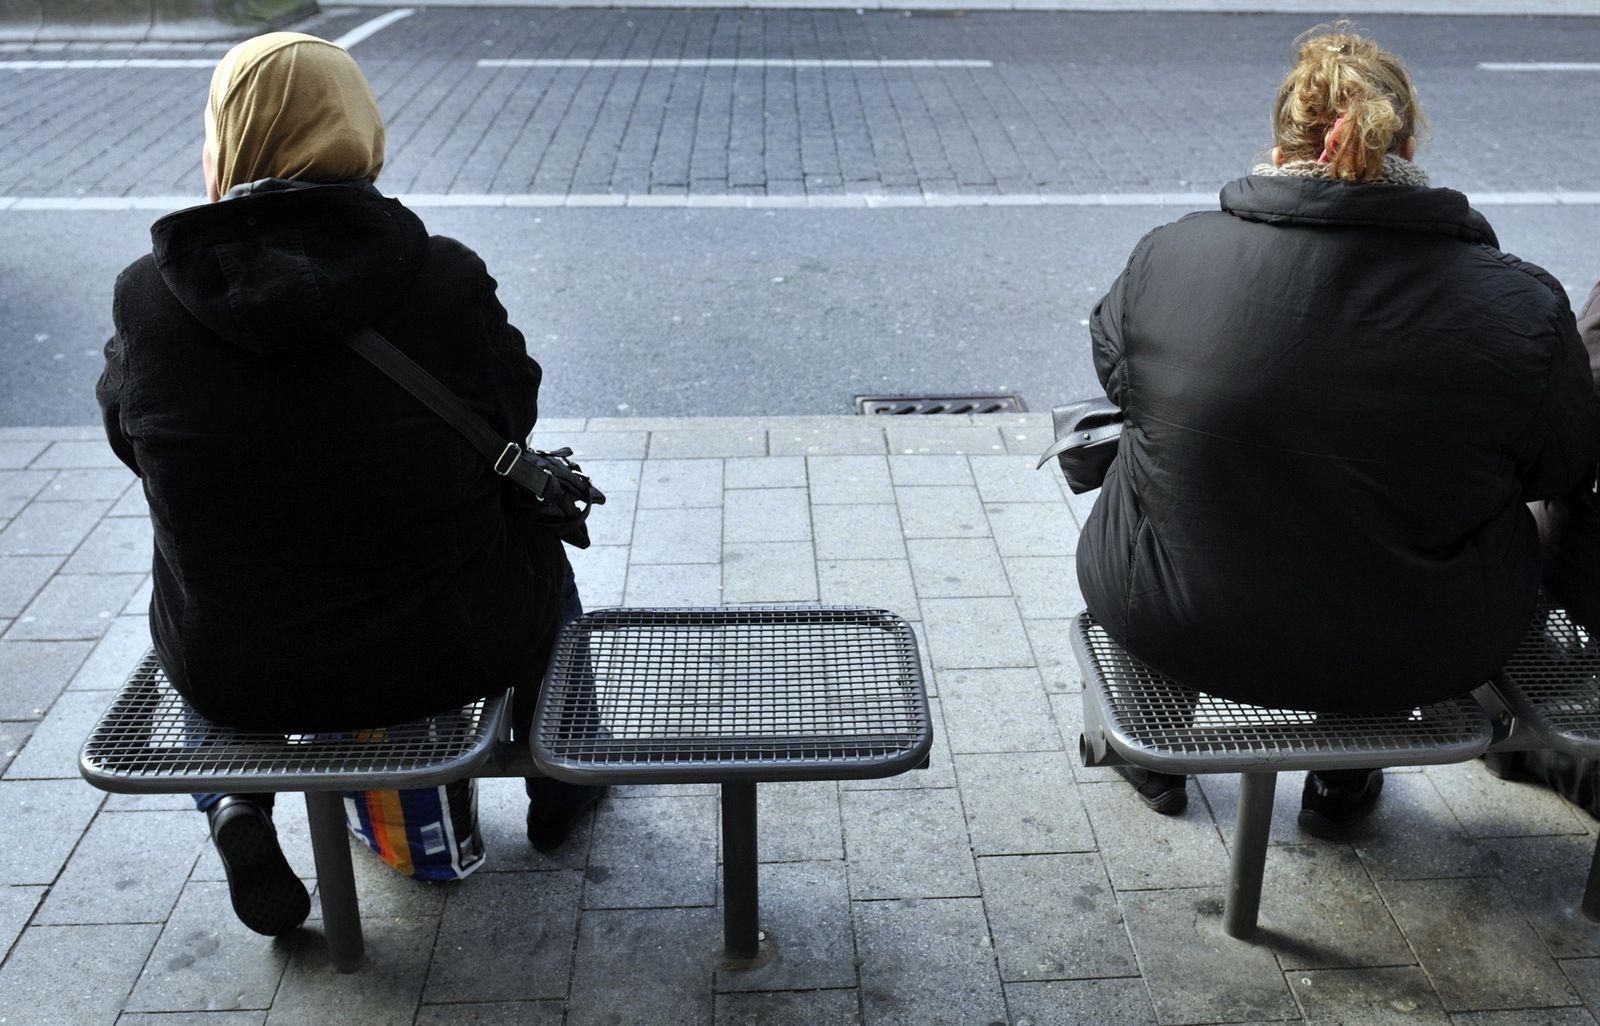 NICHT VERWENDEN Armut / Arm / Armutsbericht / Bushaltestelle